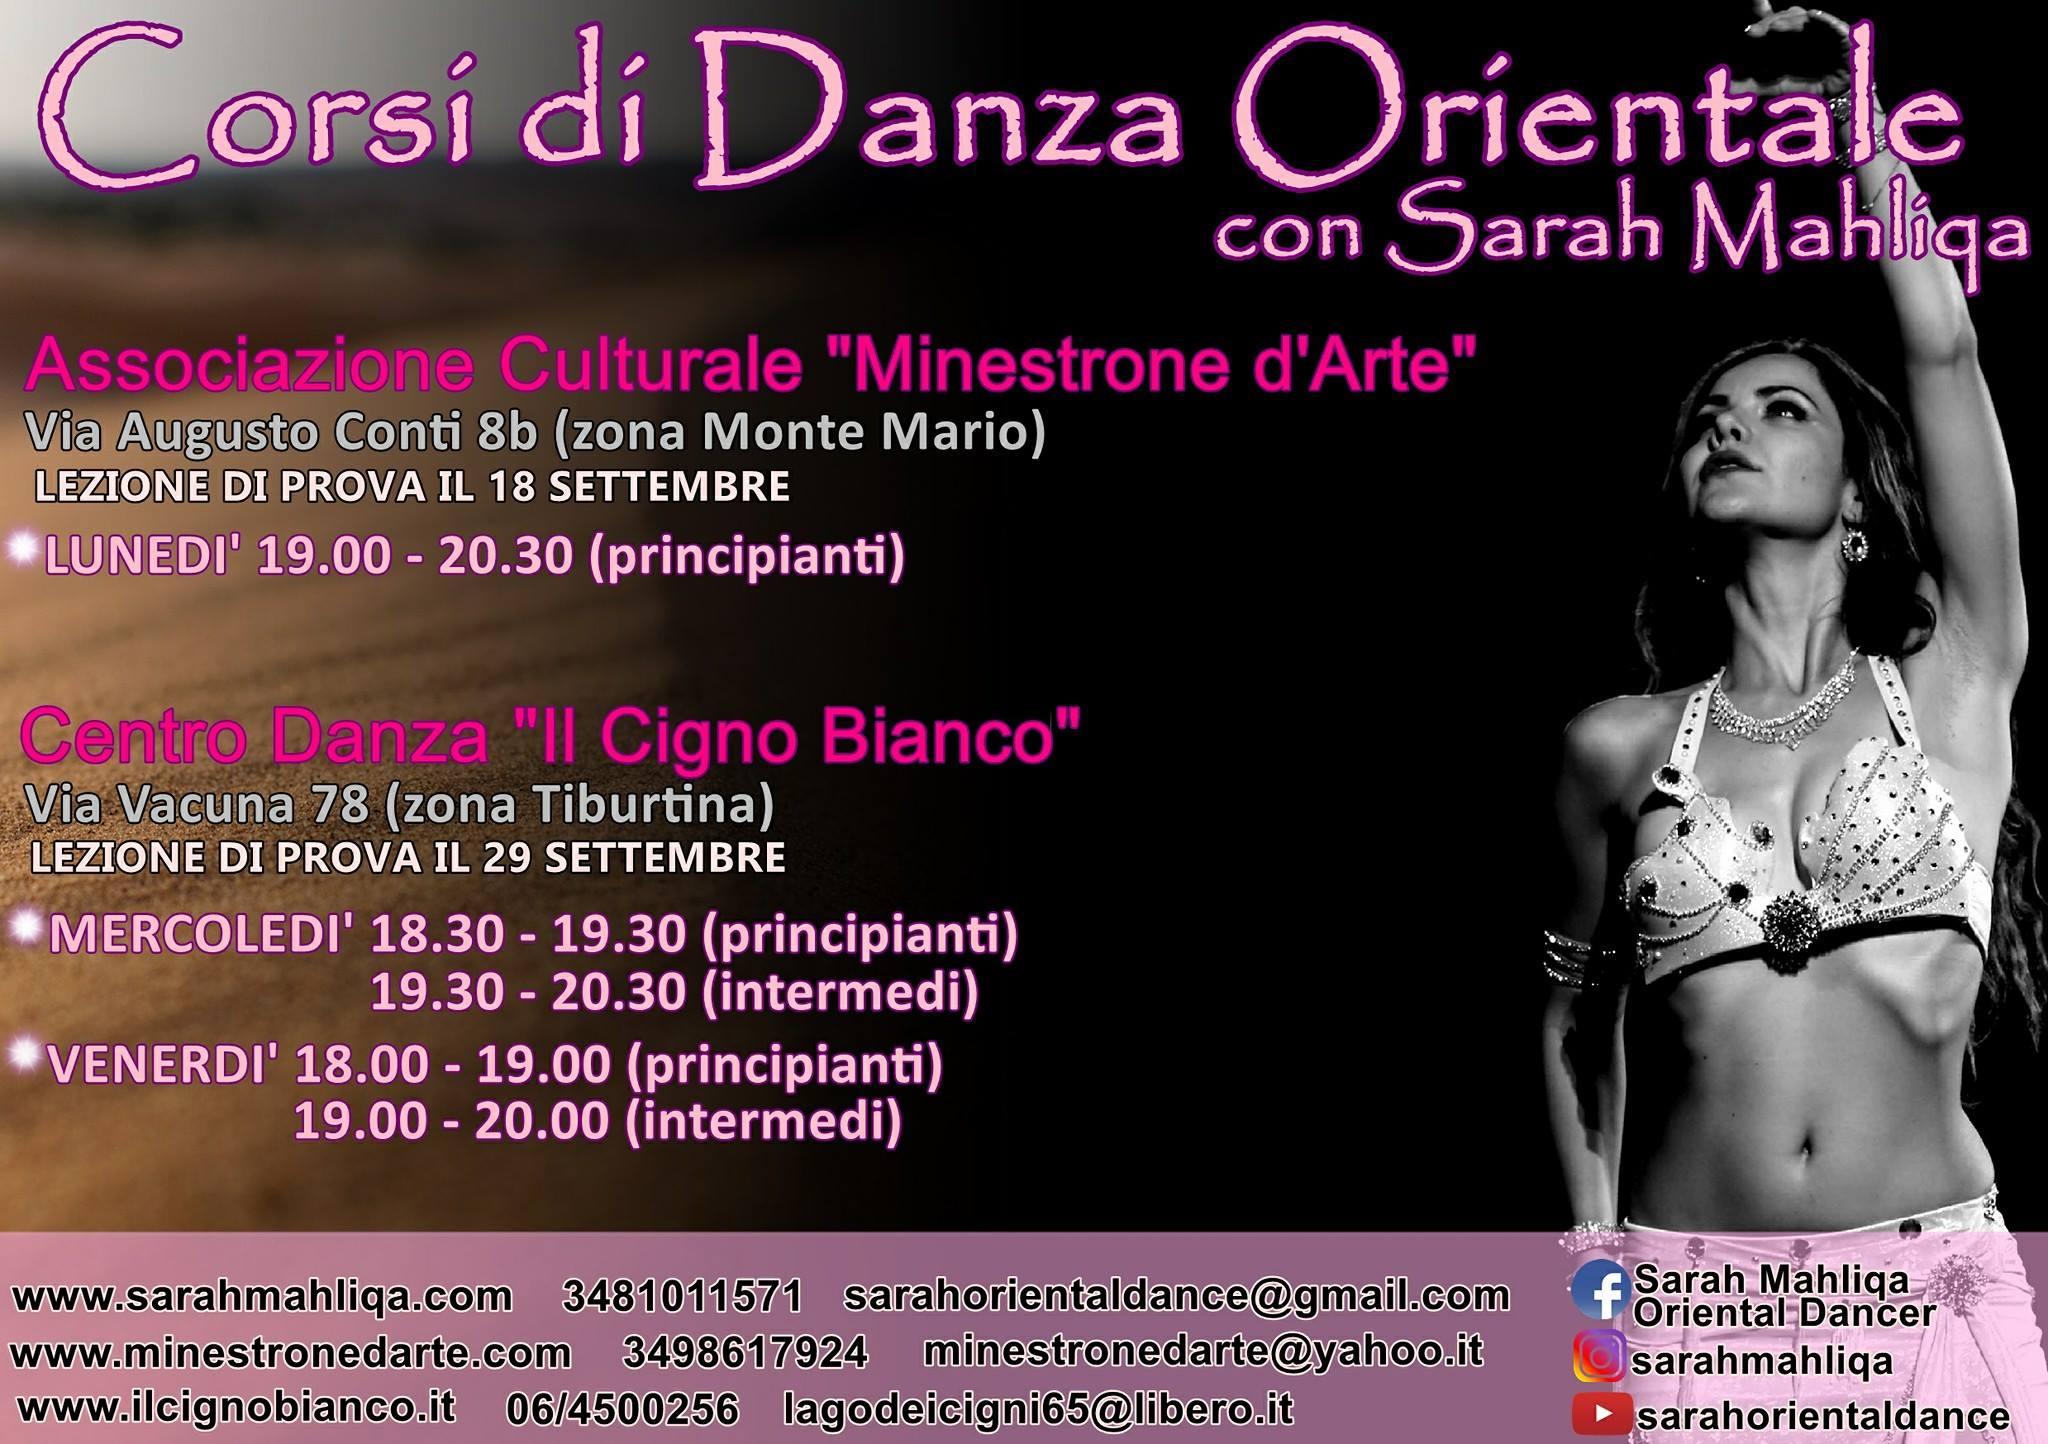 Nuovi corsi di Danza Orientale con Sarah Mahliqa a Roma (Monte Mario e Tiburtina)